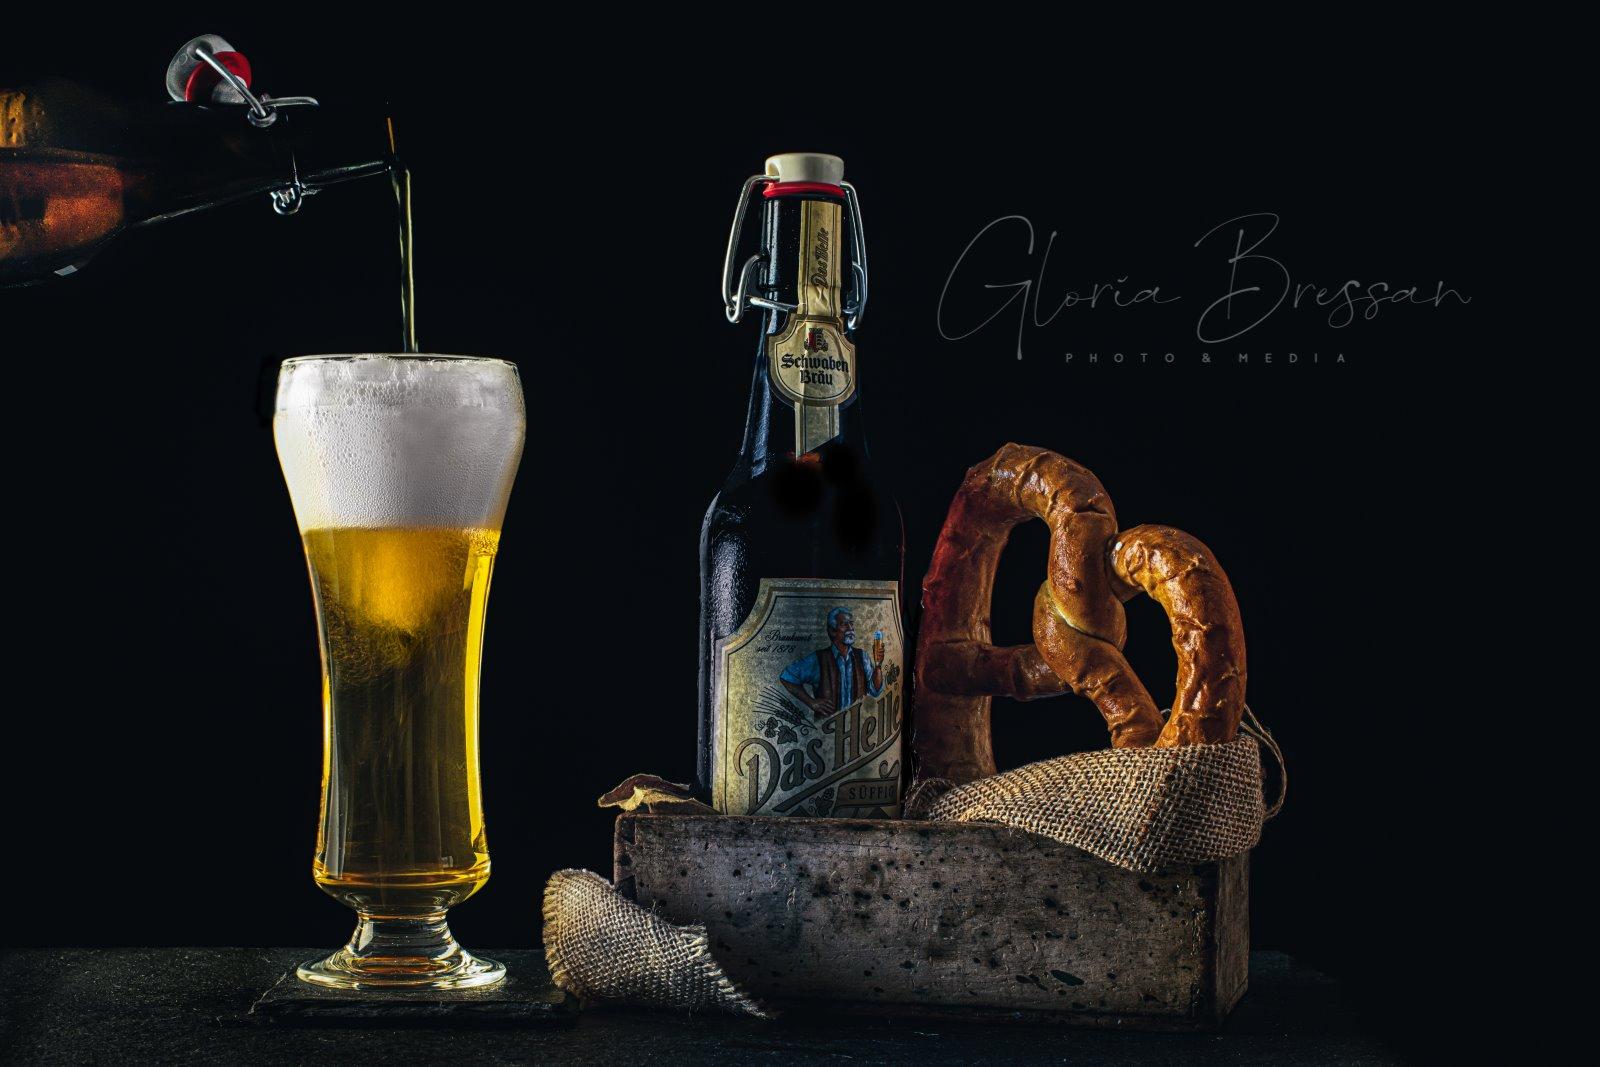 weissbier-birra-beer-food-photography-switzerland-foodphotographyzurich-still-life-photography